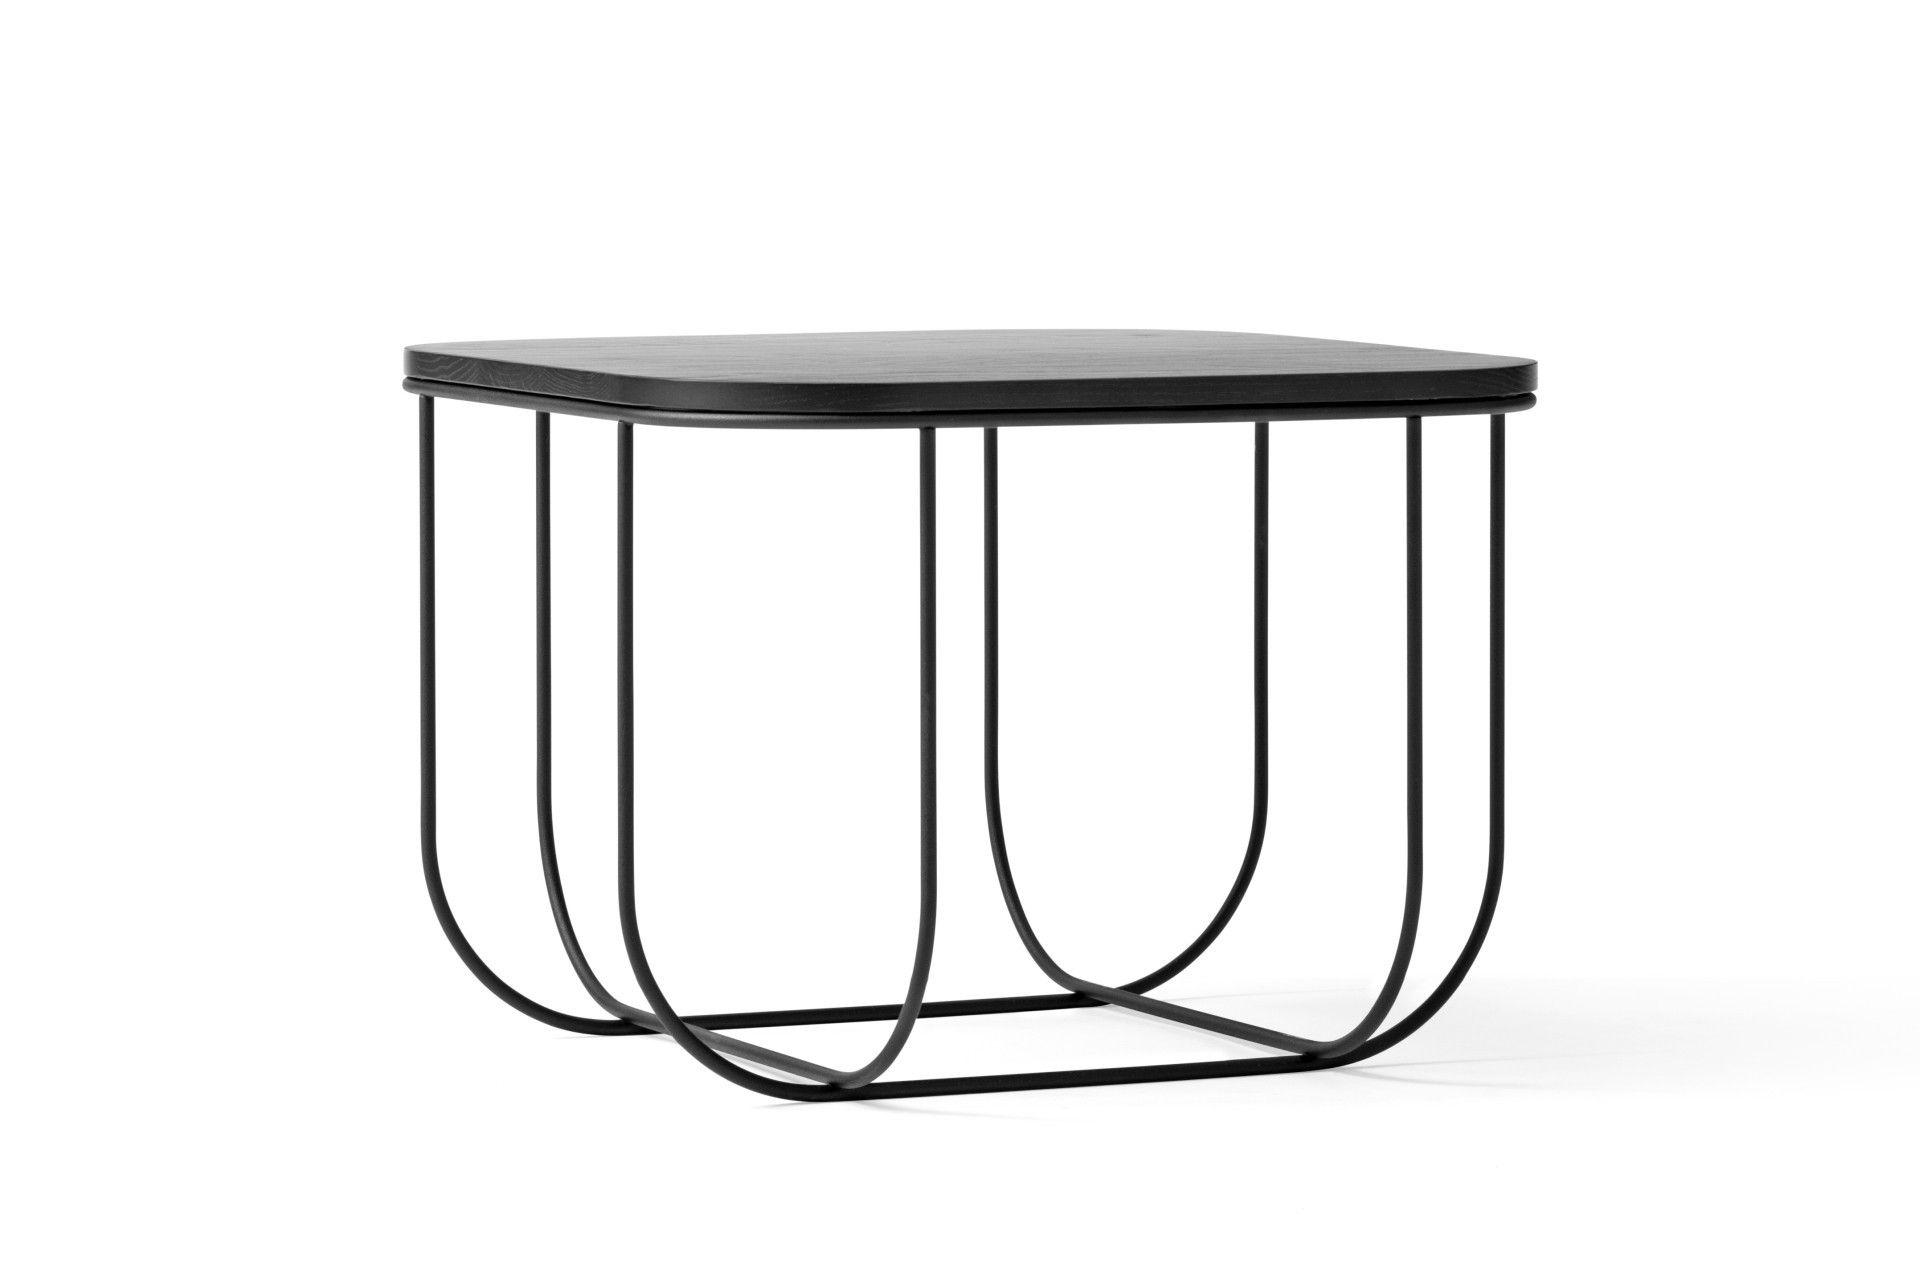 Cage Table Design By Menu Beistelltische Beistelltisch Design Beistelltisch